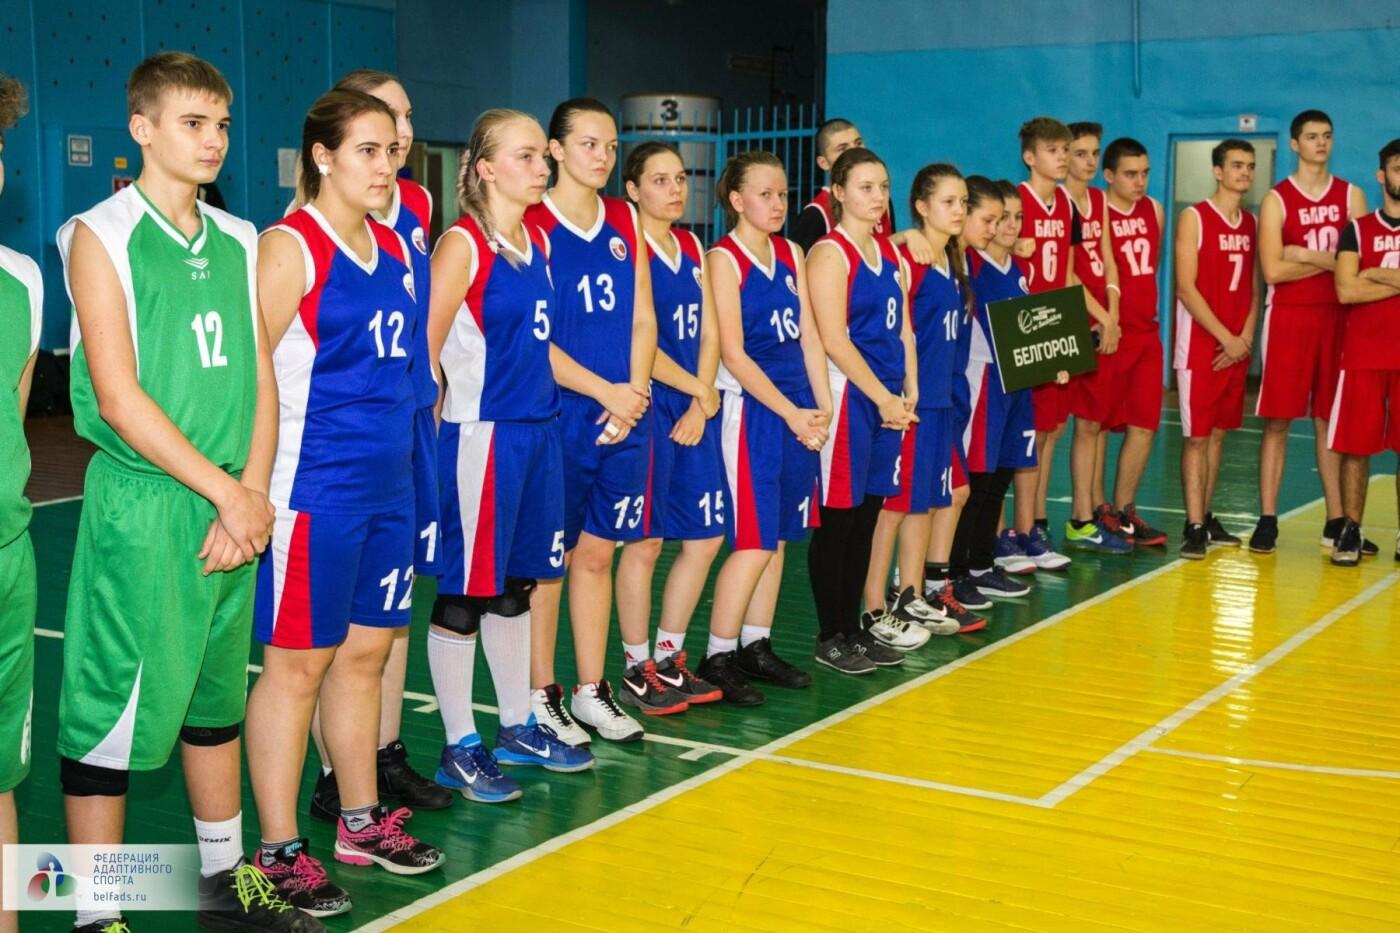 В Белгороде завершилось Первенство России по баскетболу среди глухих, фото-8